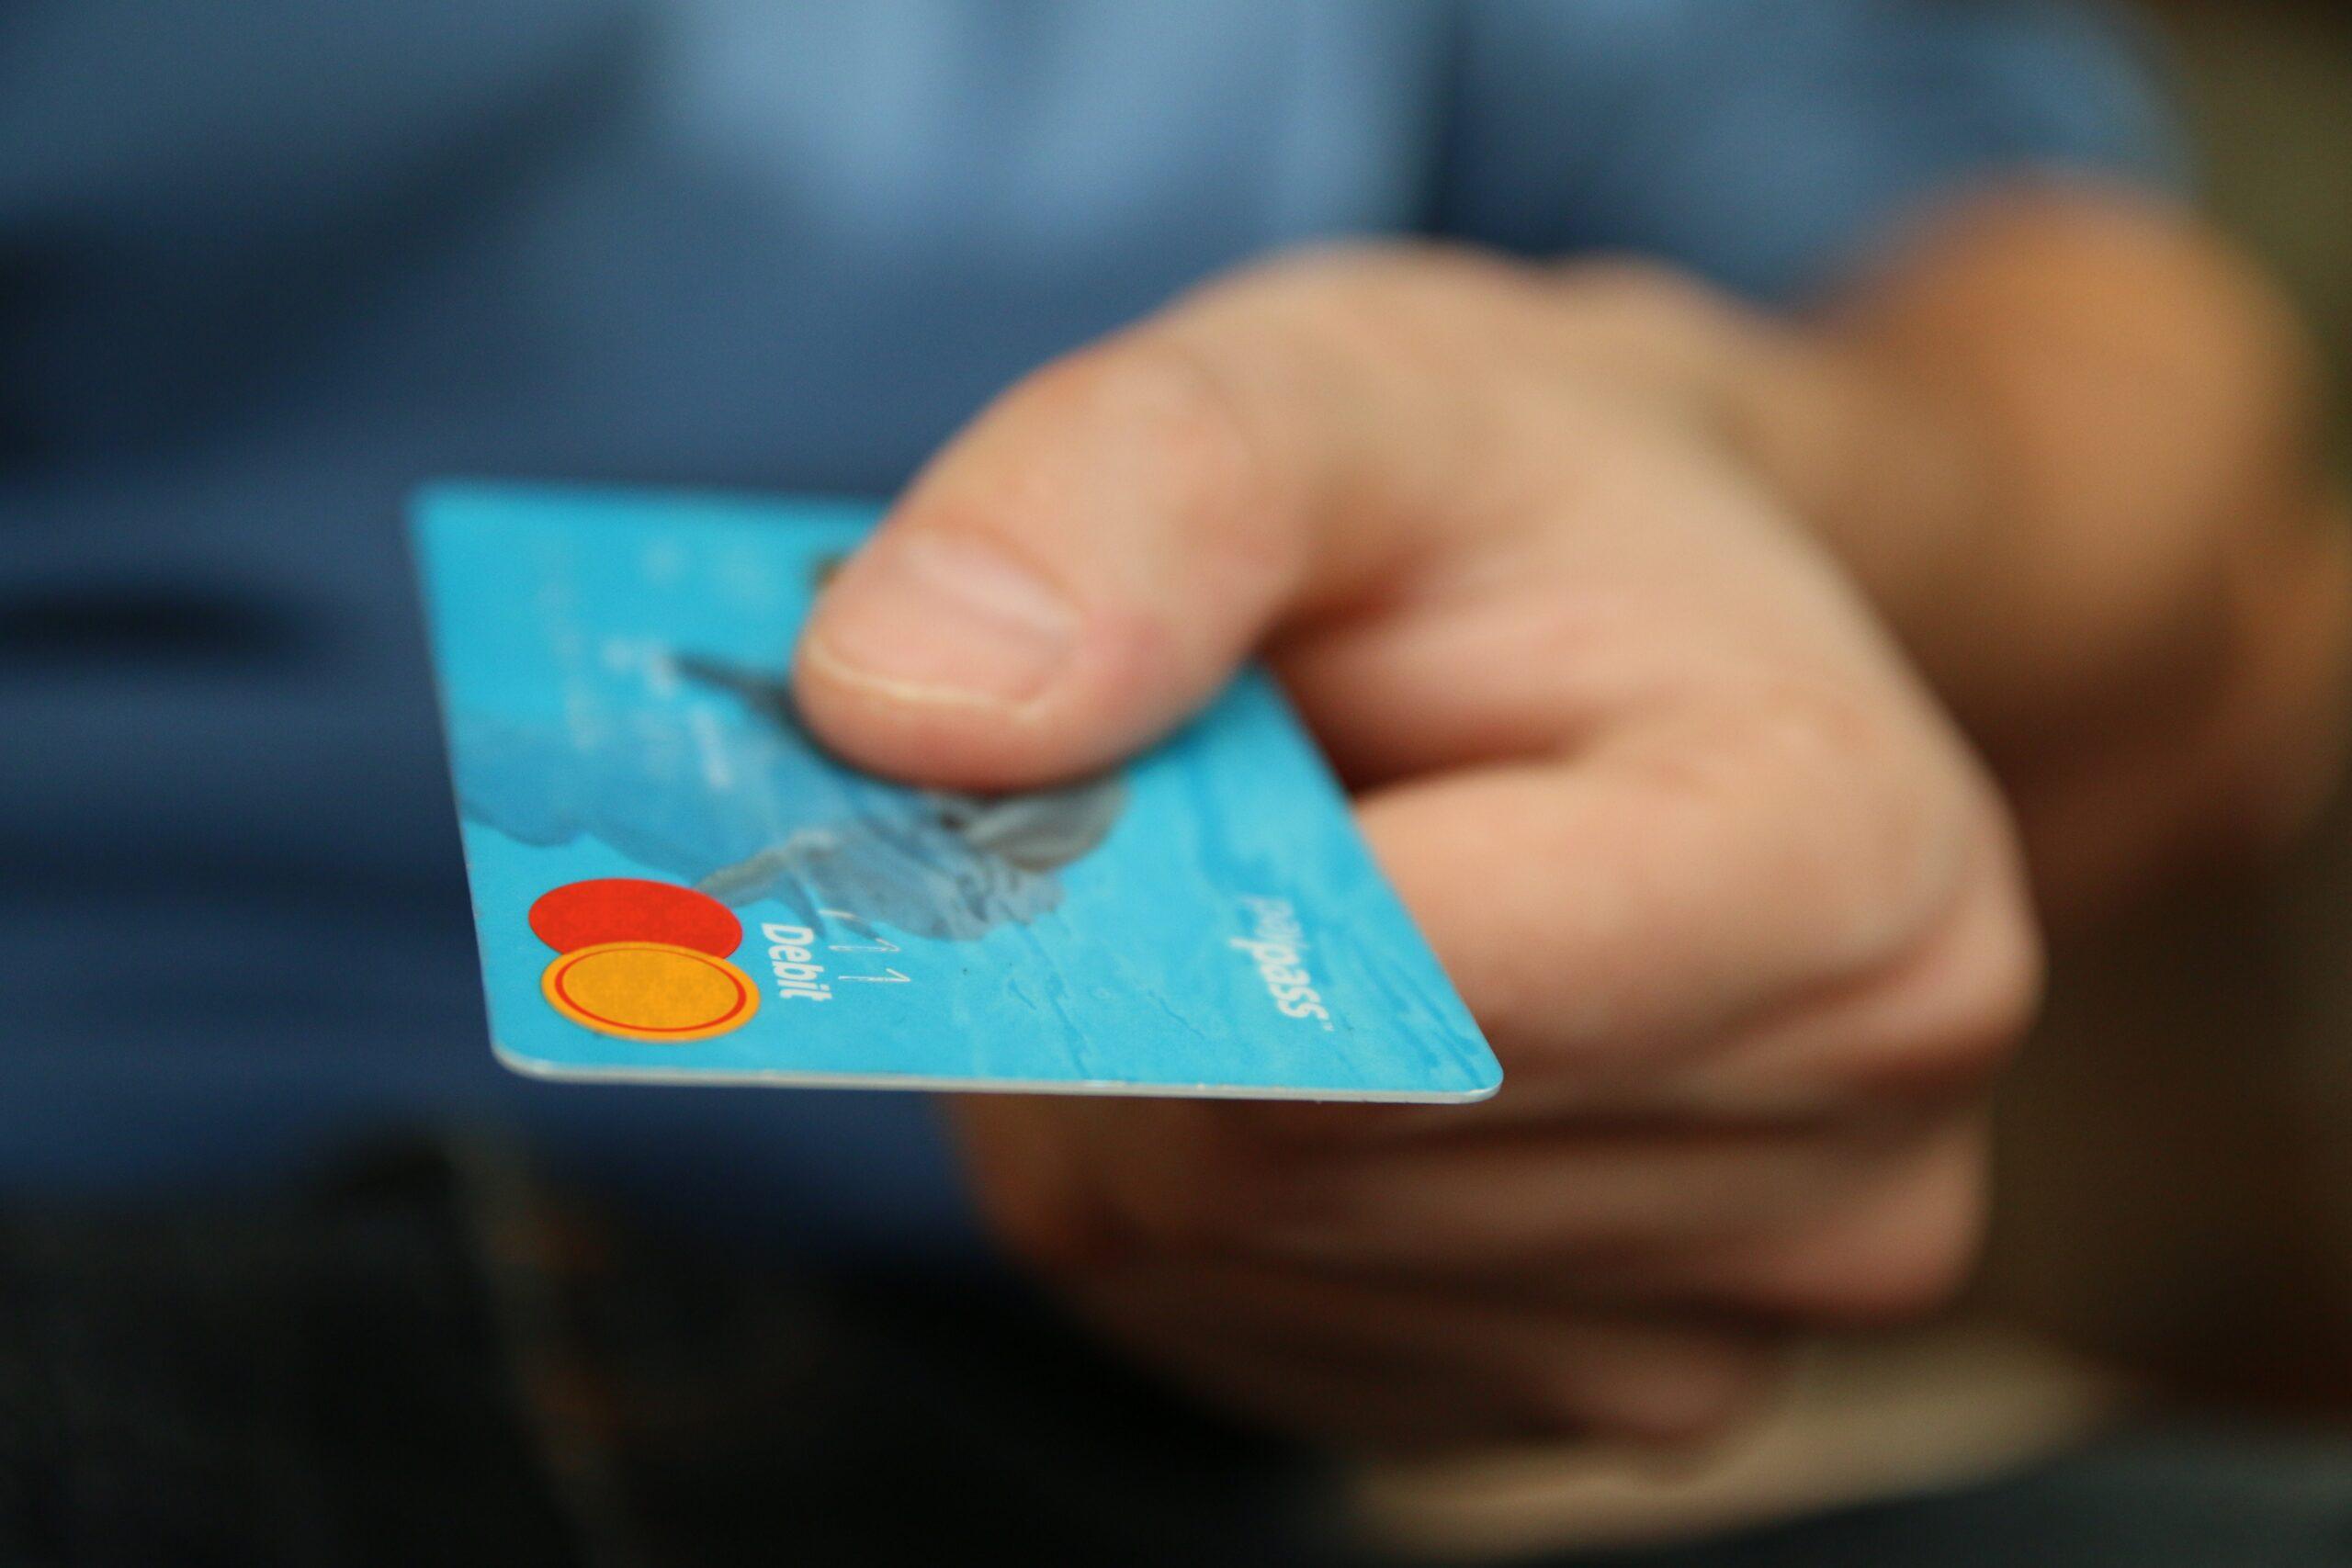 Cartão de crédito compromete vida financeira dos brasileiros - Foto: Divulgação